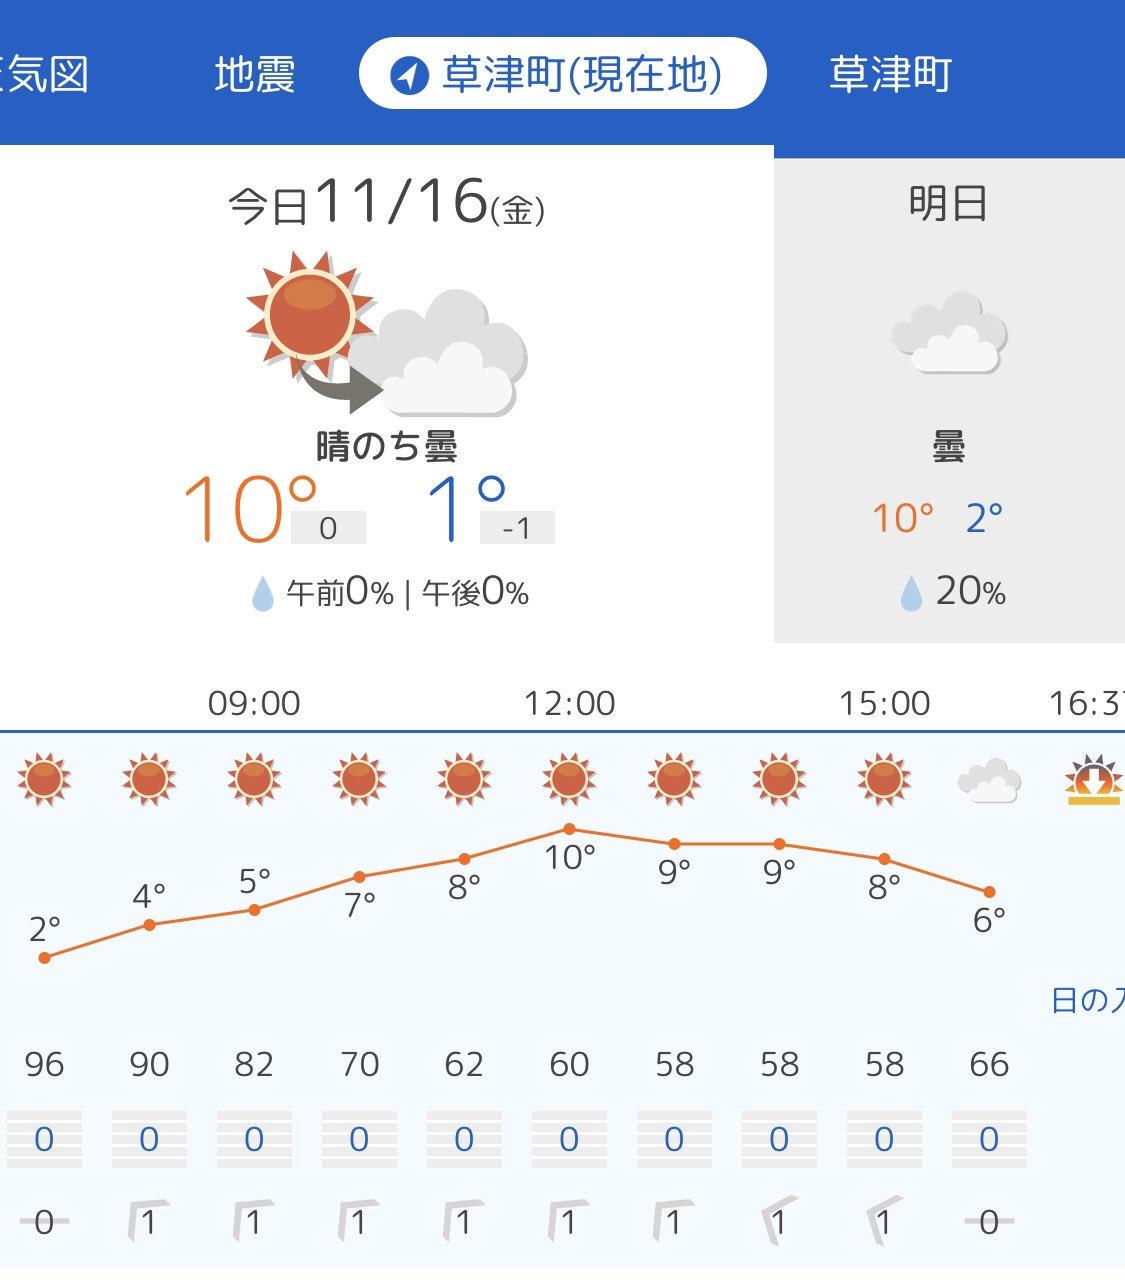 おはようございます 今日の気になるお天気は? https://t.co/p9AVWam61B